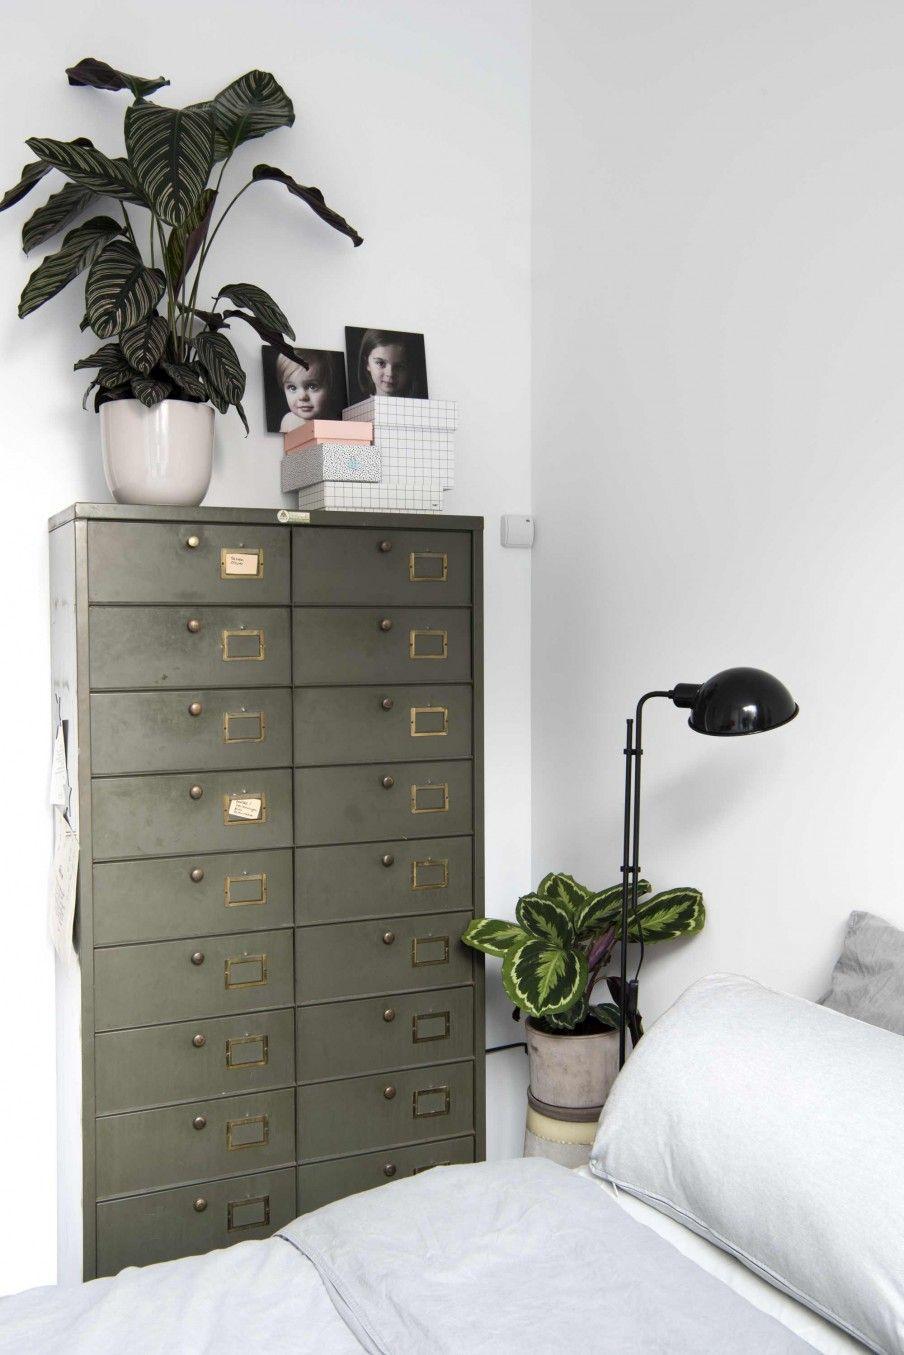 Slaapkamer met metalen ladenkast | Bedroom with metal dresser ...